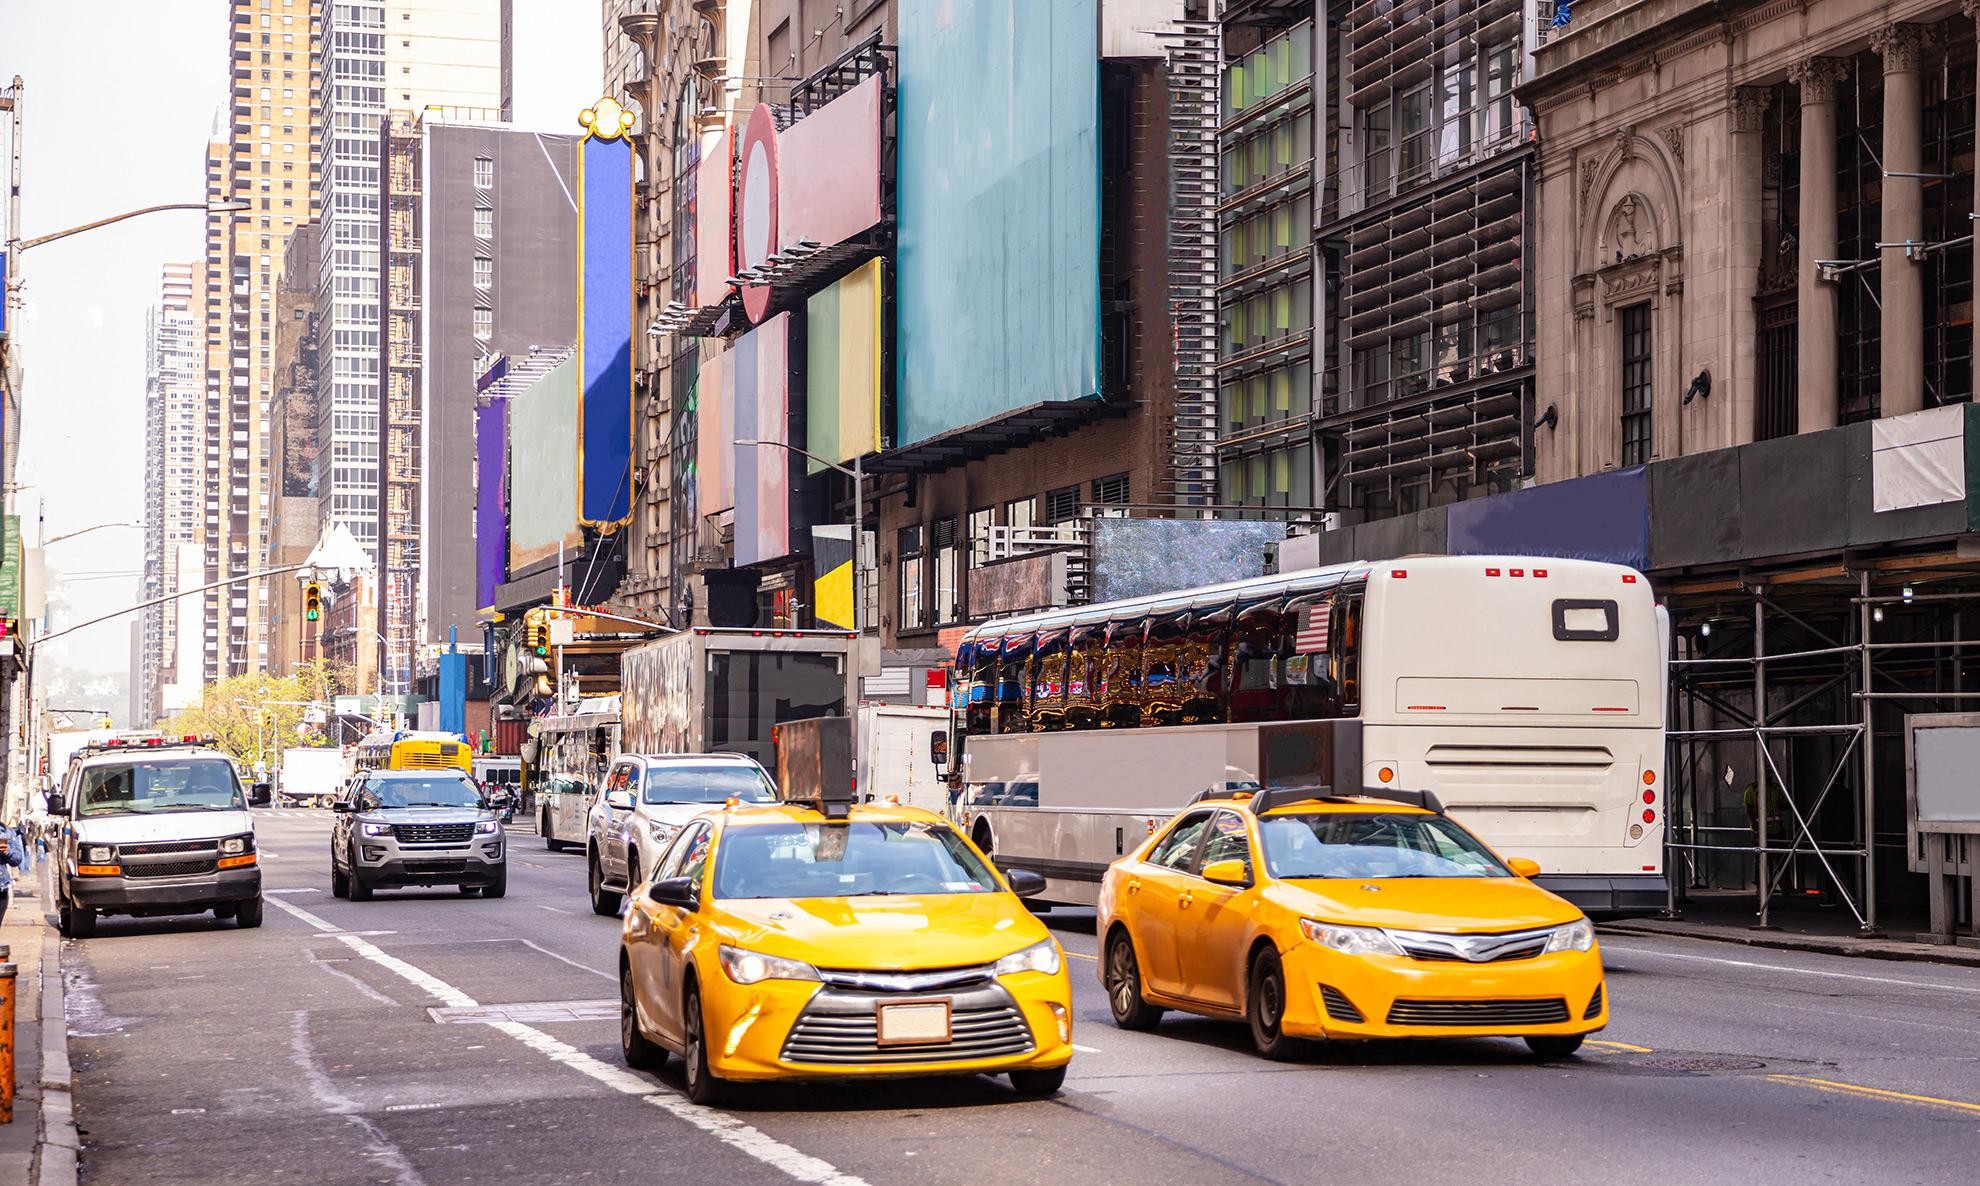 Samochody na ulicy w Nowym Jorku, ilustracja do artykułu o małych tablicach dla samochodów z USA i Japonii